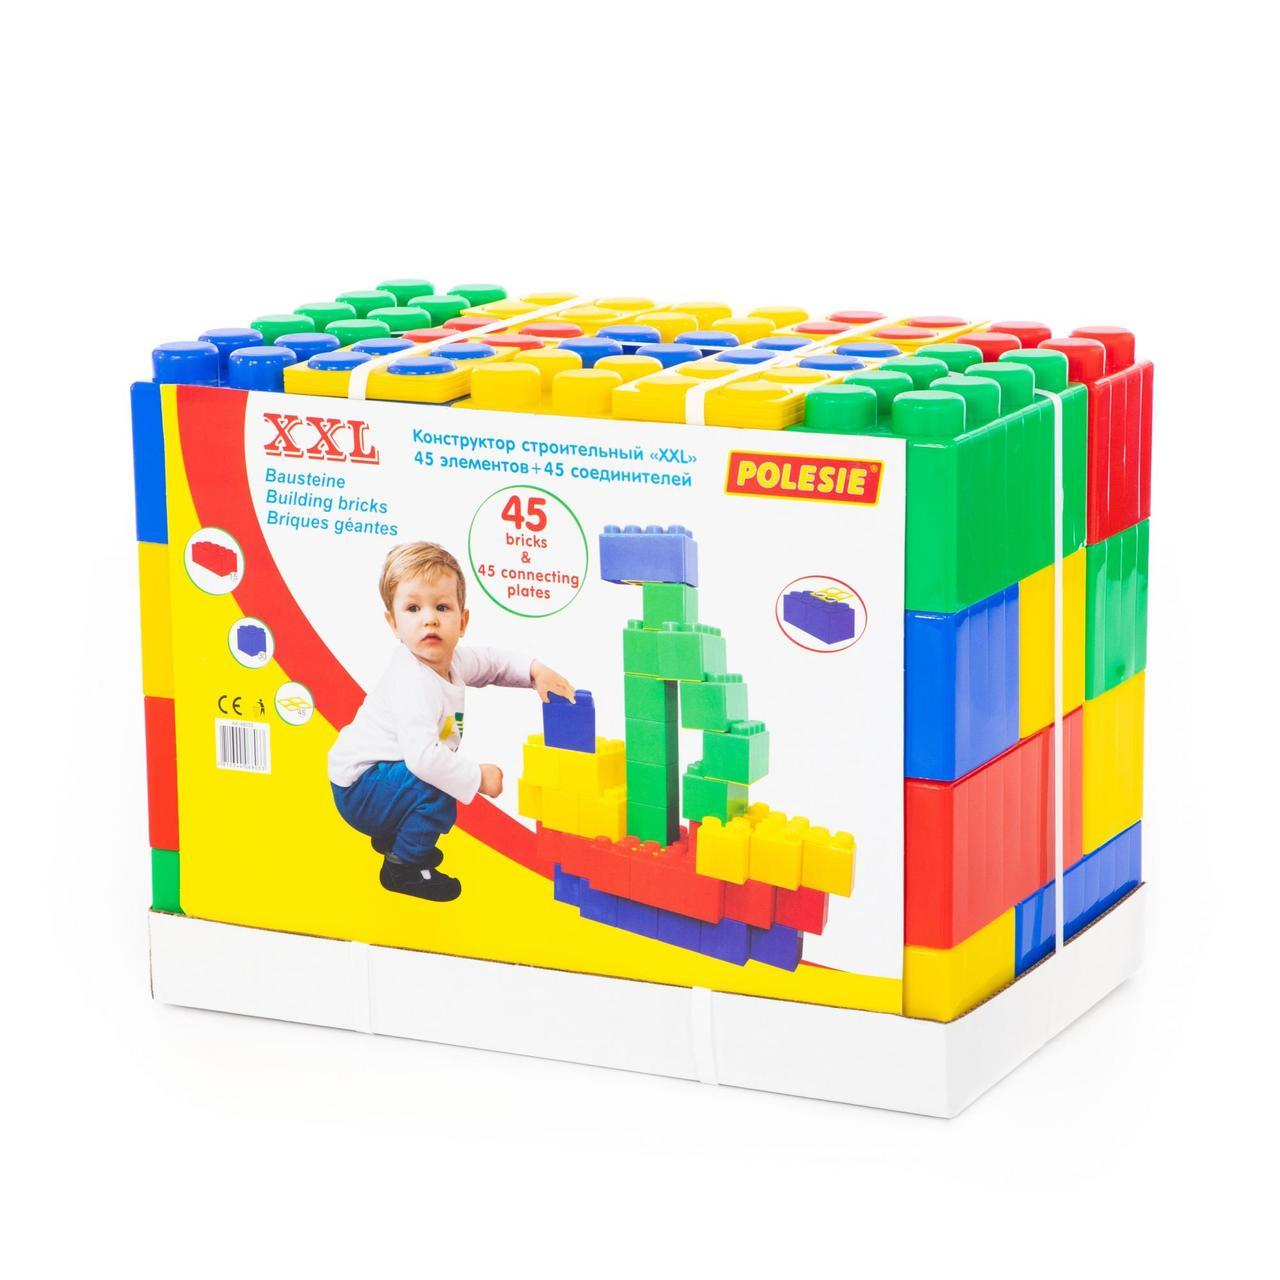 """Конструктор будівельний """"XXL"""", 45 елементів + з'єднувач (45 елементів)"""